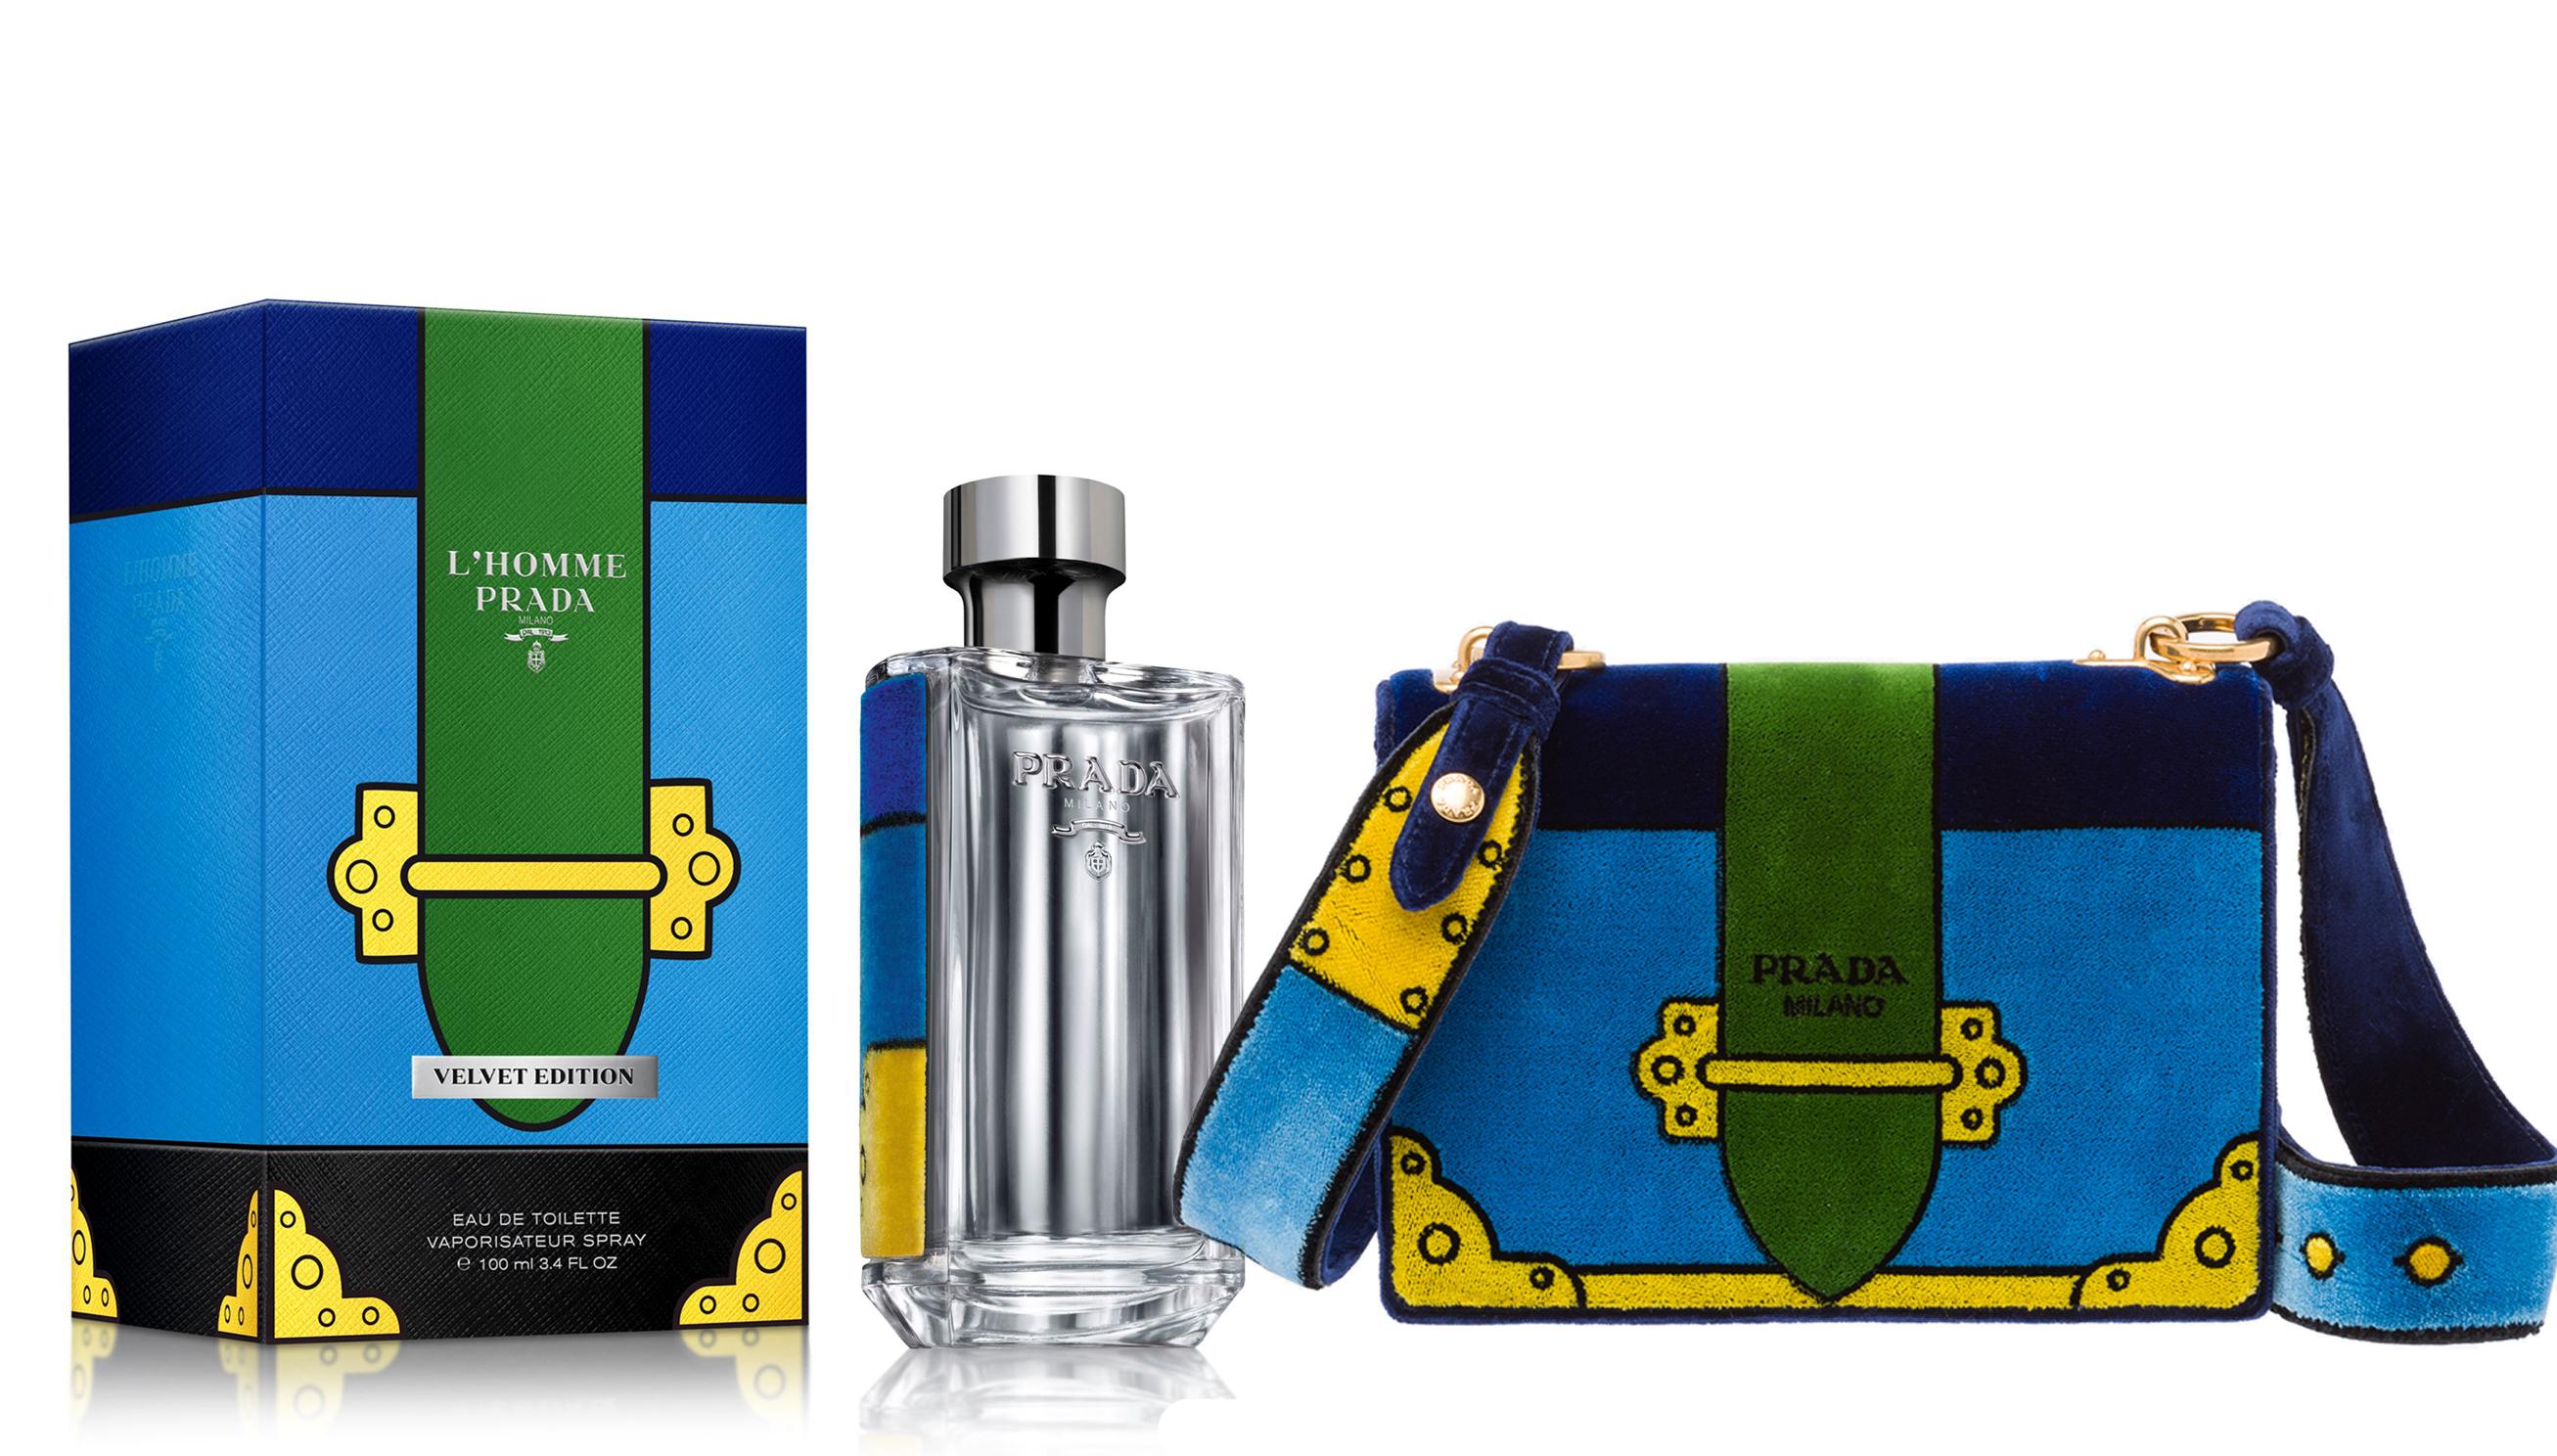 275f14586743 Prada Goes Velvet: La Femme Velvet Edition, L'Homme Velvet Edition ...